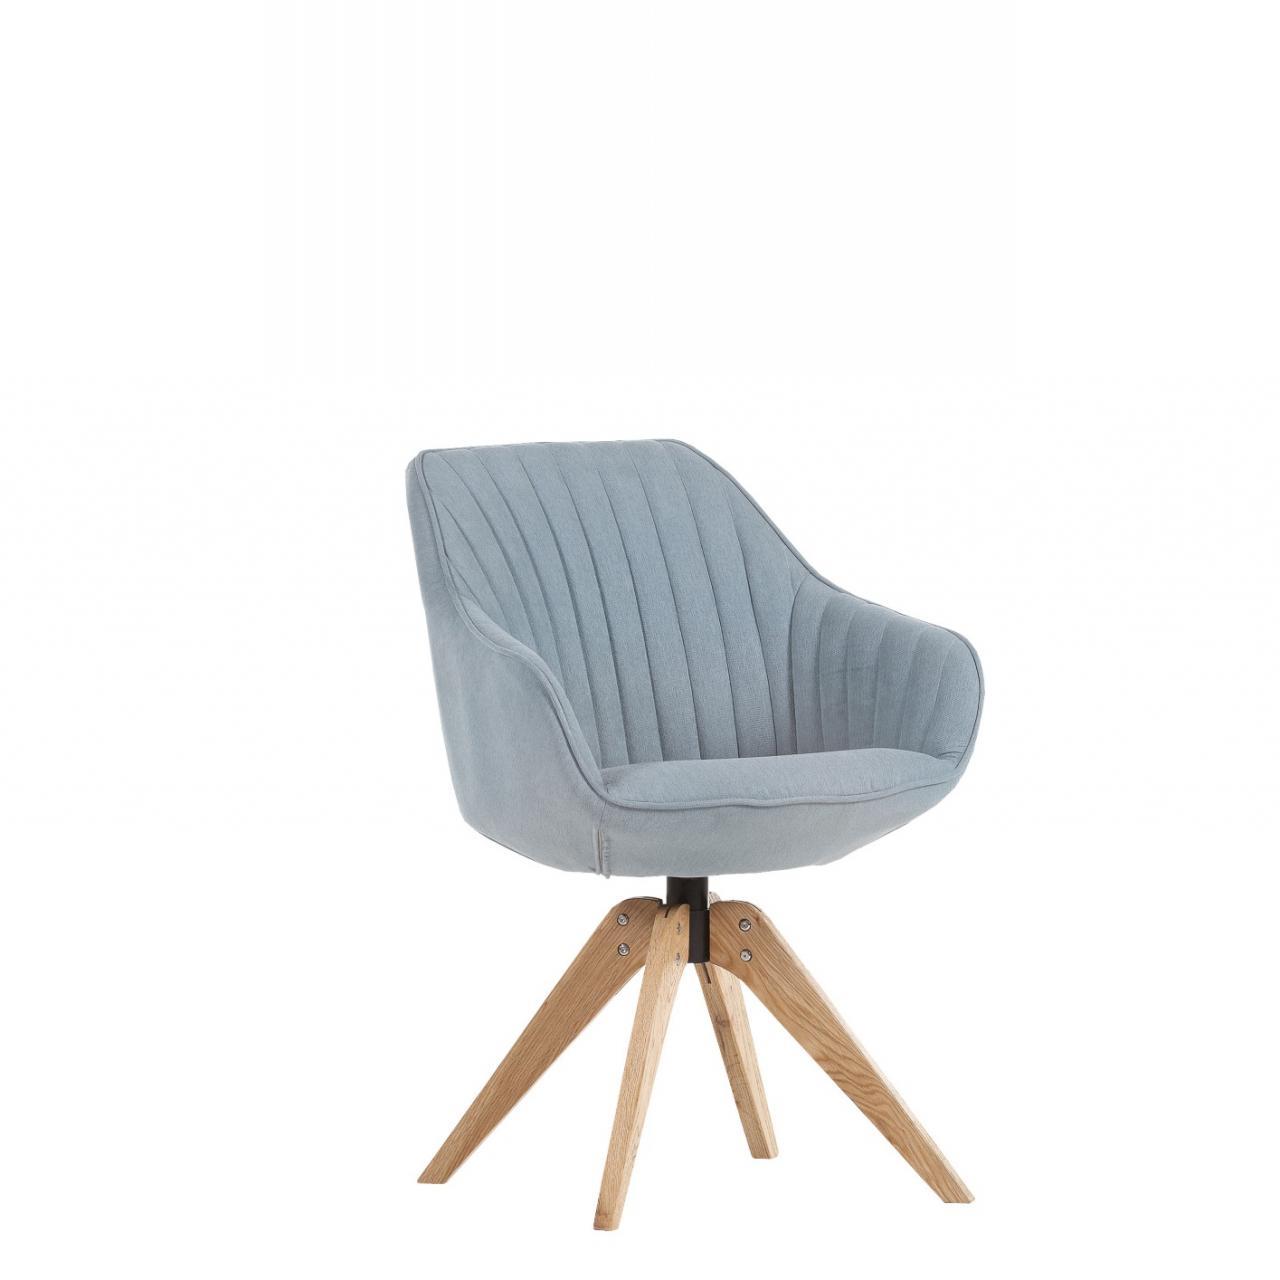 Armlehnenstuhl Stuhl Chill 60696 Freinstruktur Mint Esszimmerstuhl